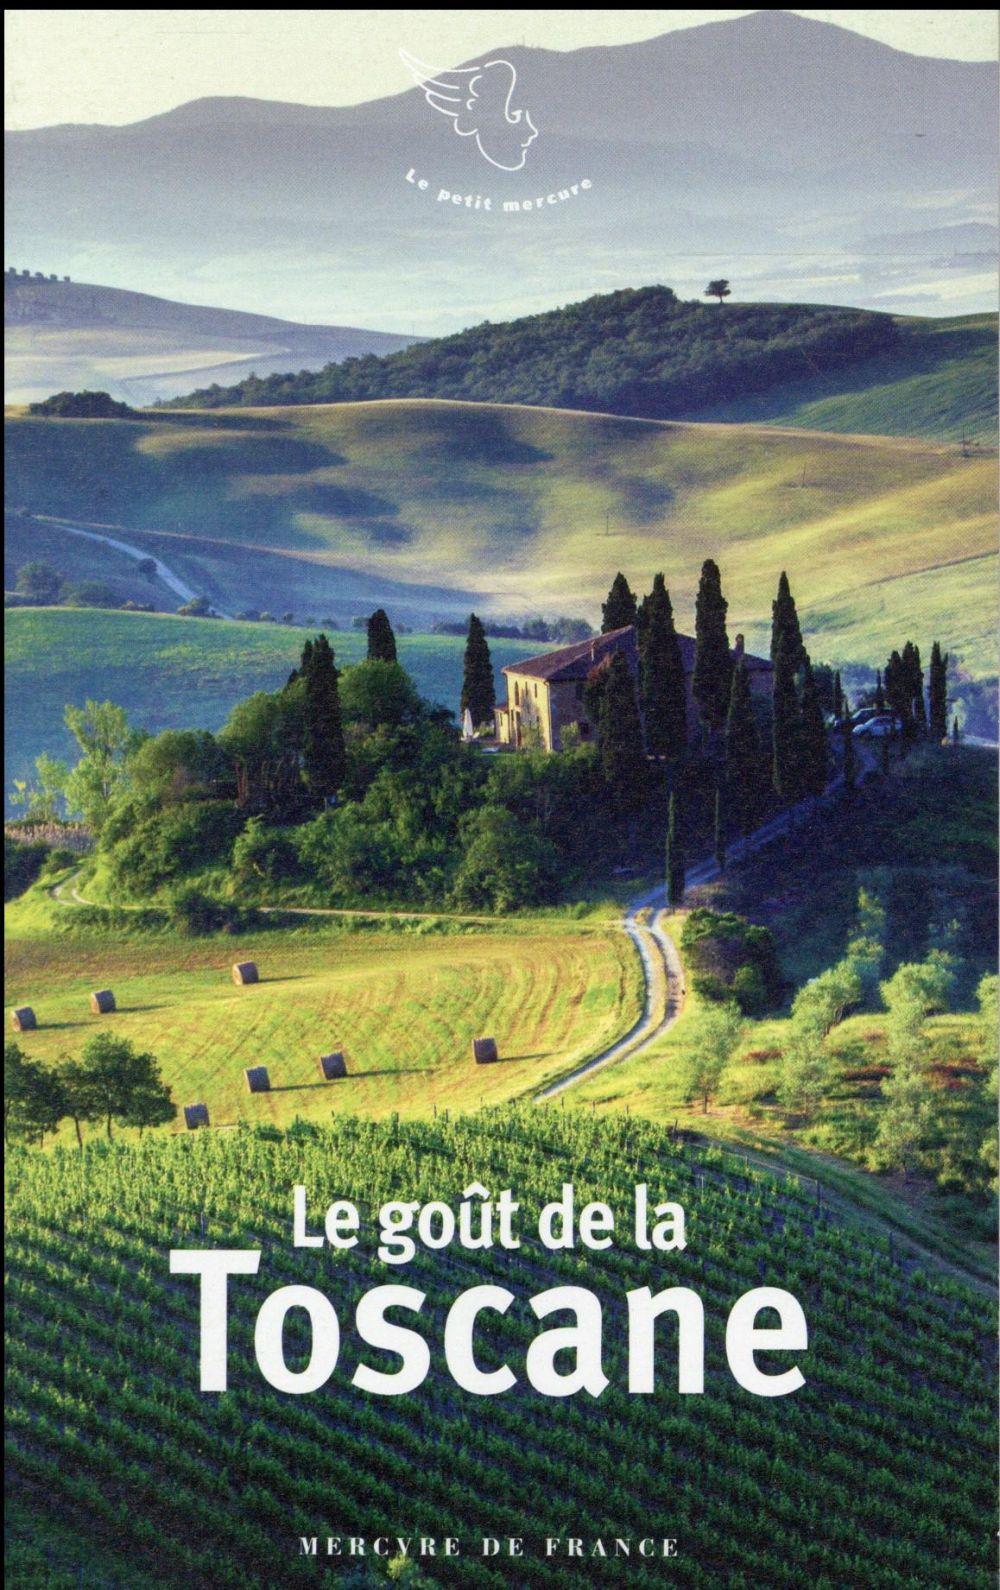 Le goût de la Toscane